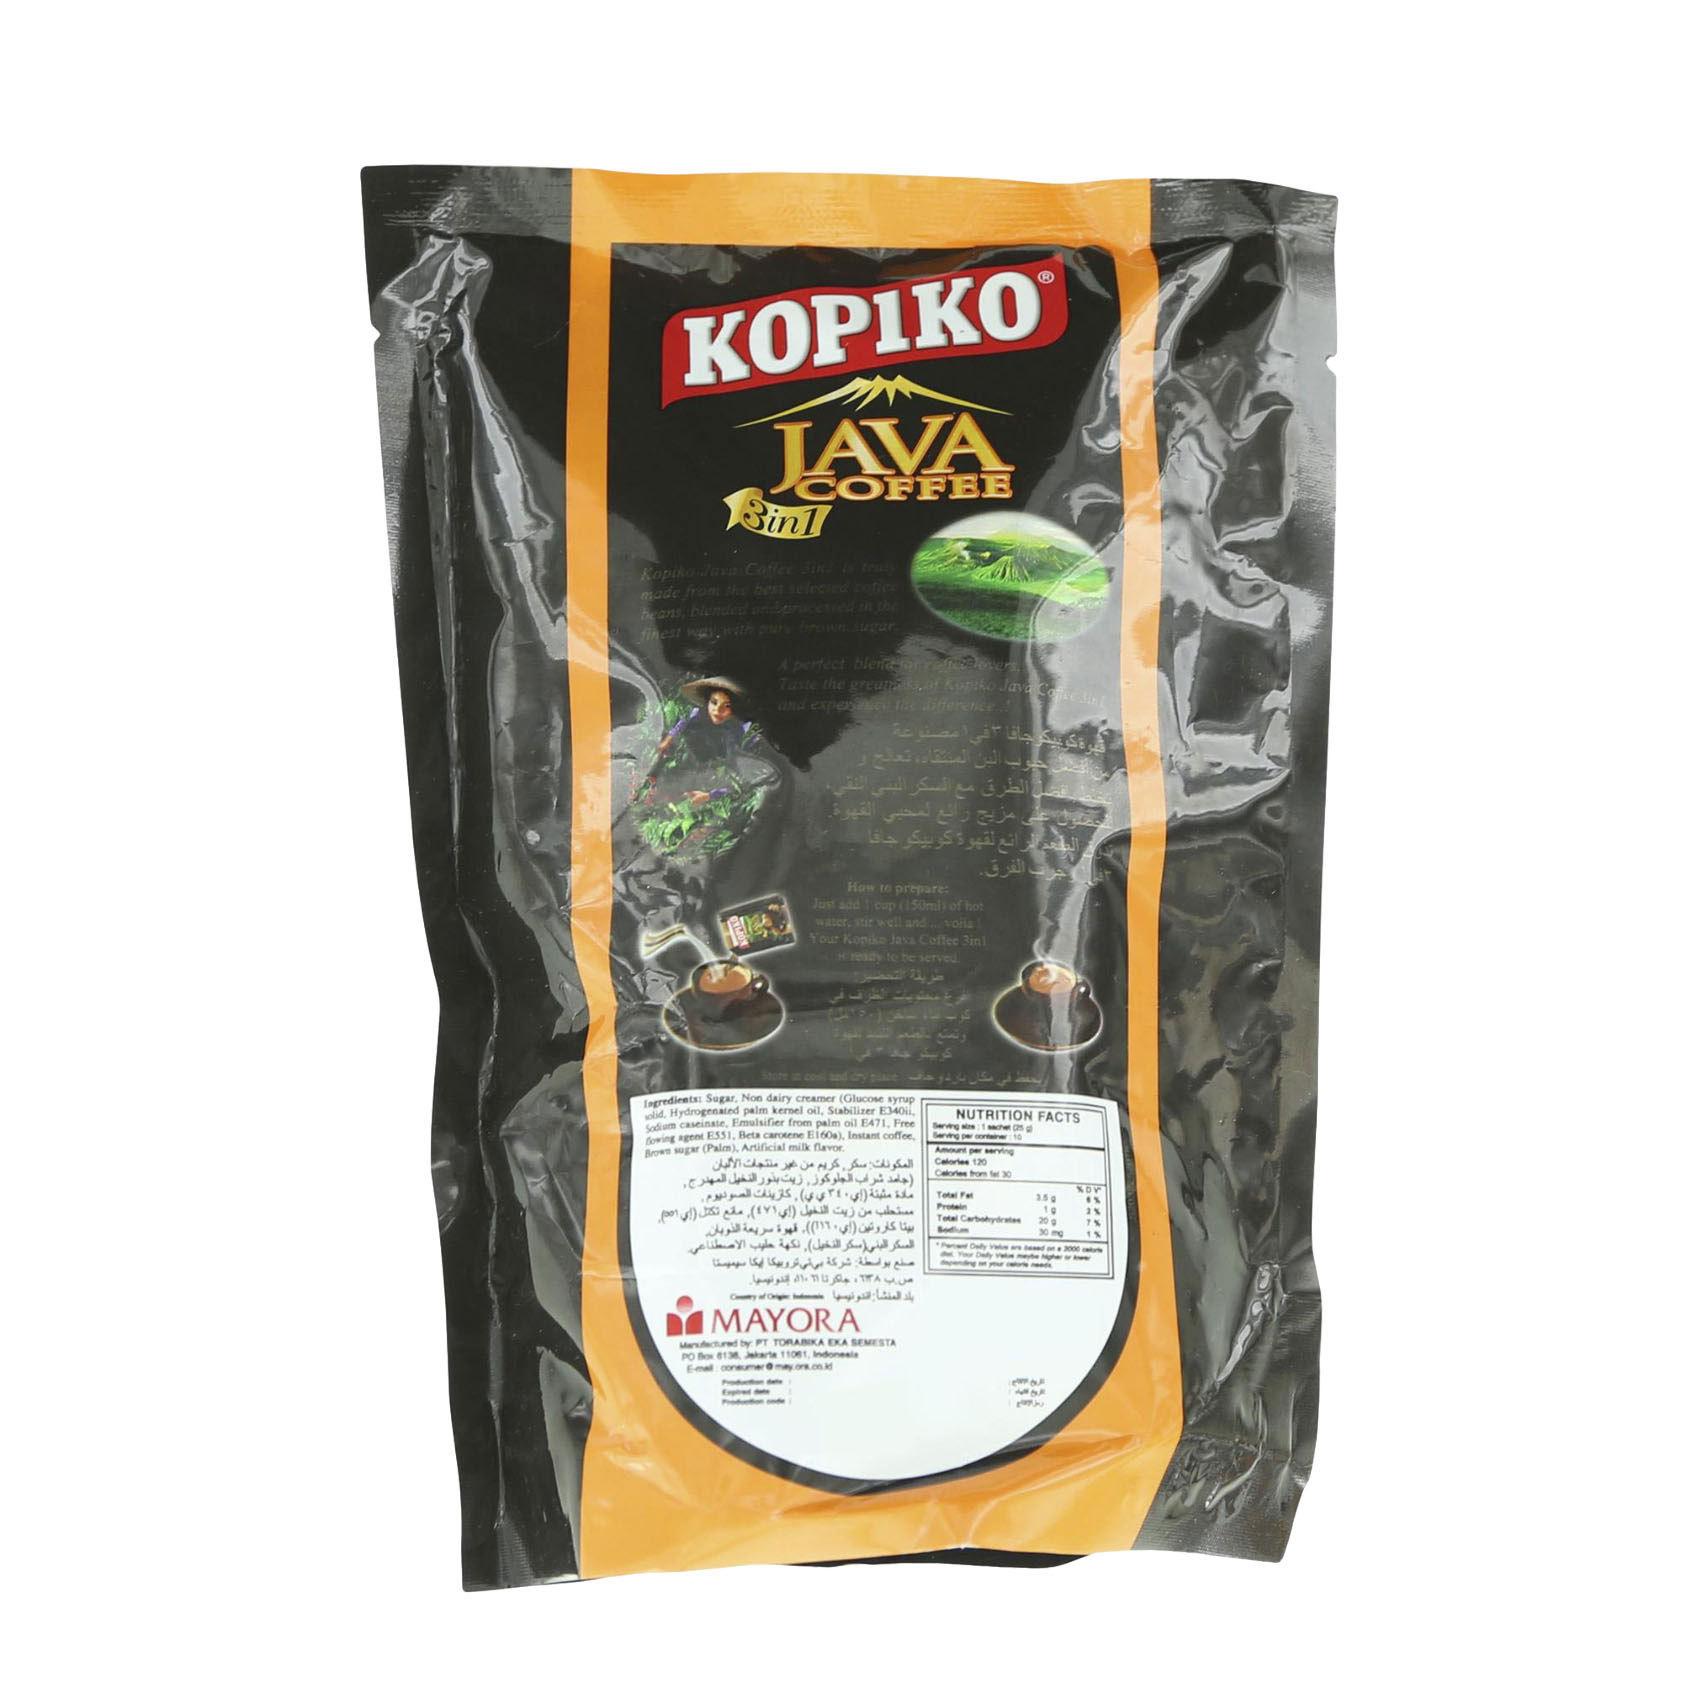 KOPIKO JAVA COFFEE 3IN1 BOX 25GX10